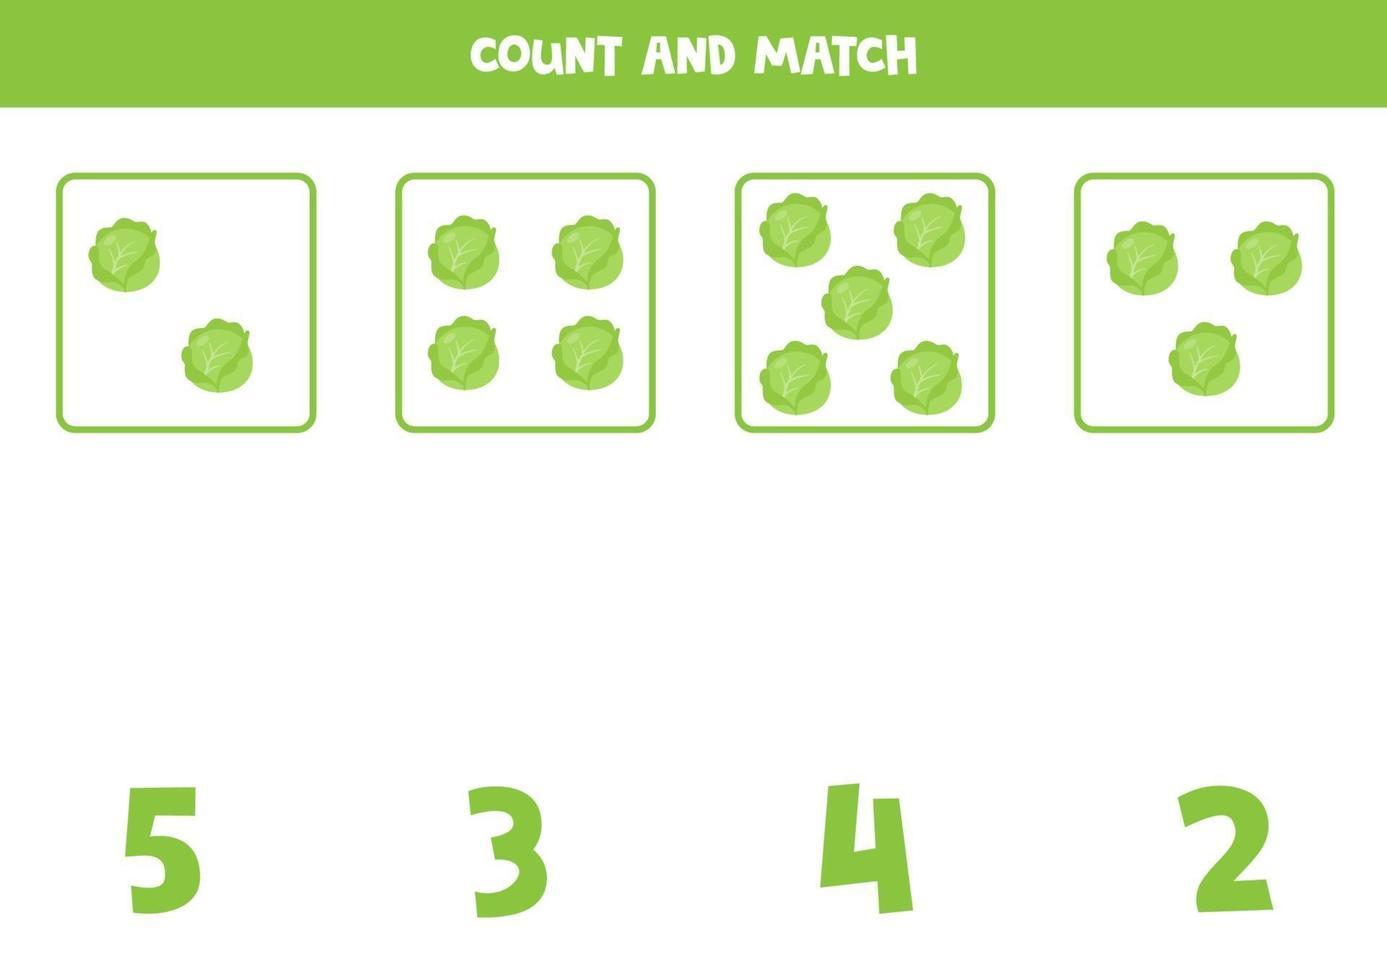 jeu de comptage pour les enfants. jeu de mathématiques avec des choux de dessin animé. vecteur